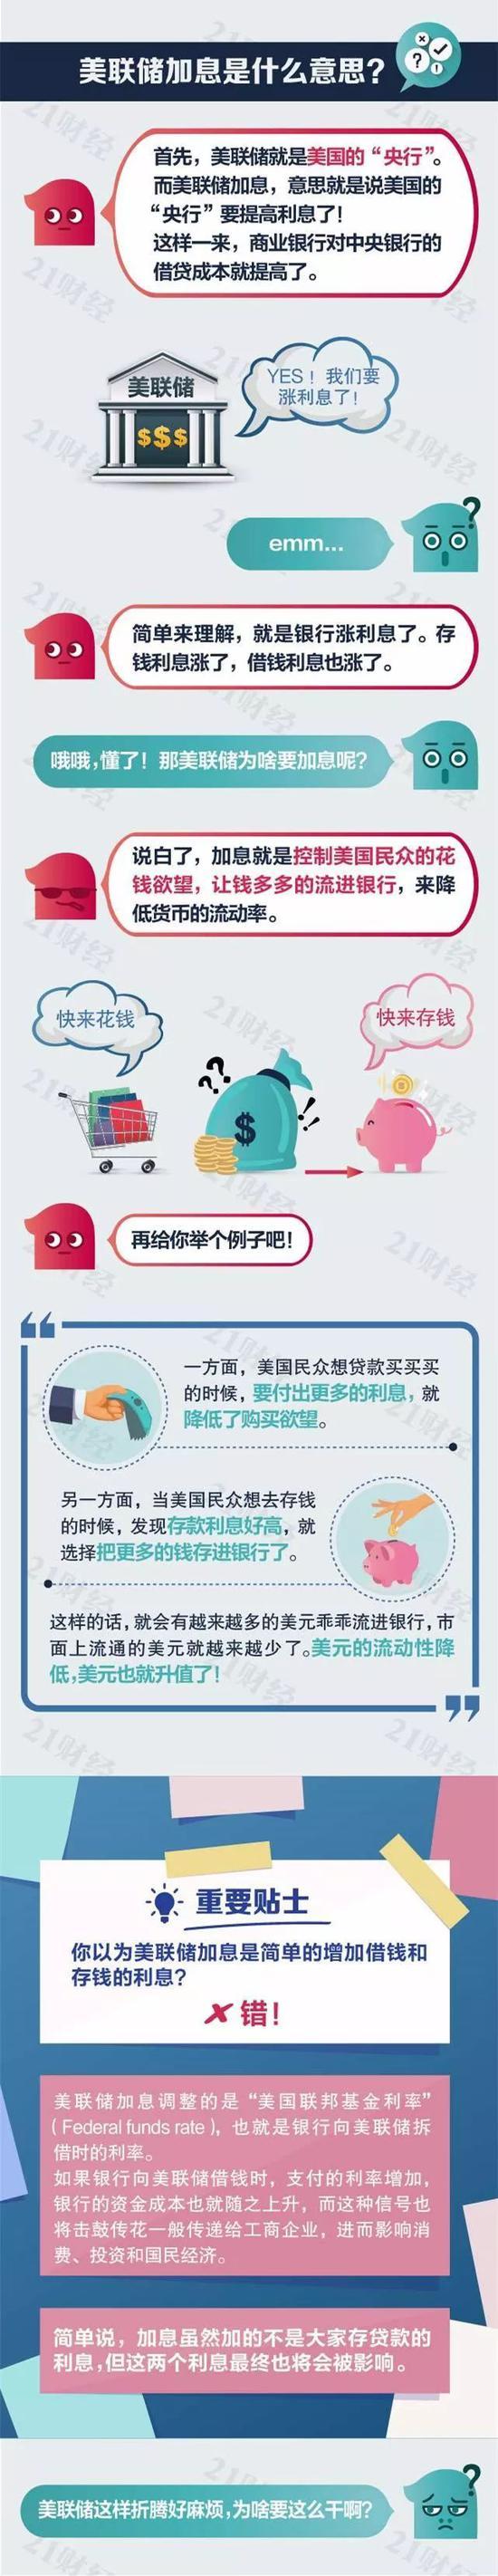 美联储40年来罕见操作加息 中国央行率先放大招